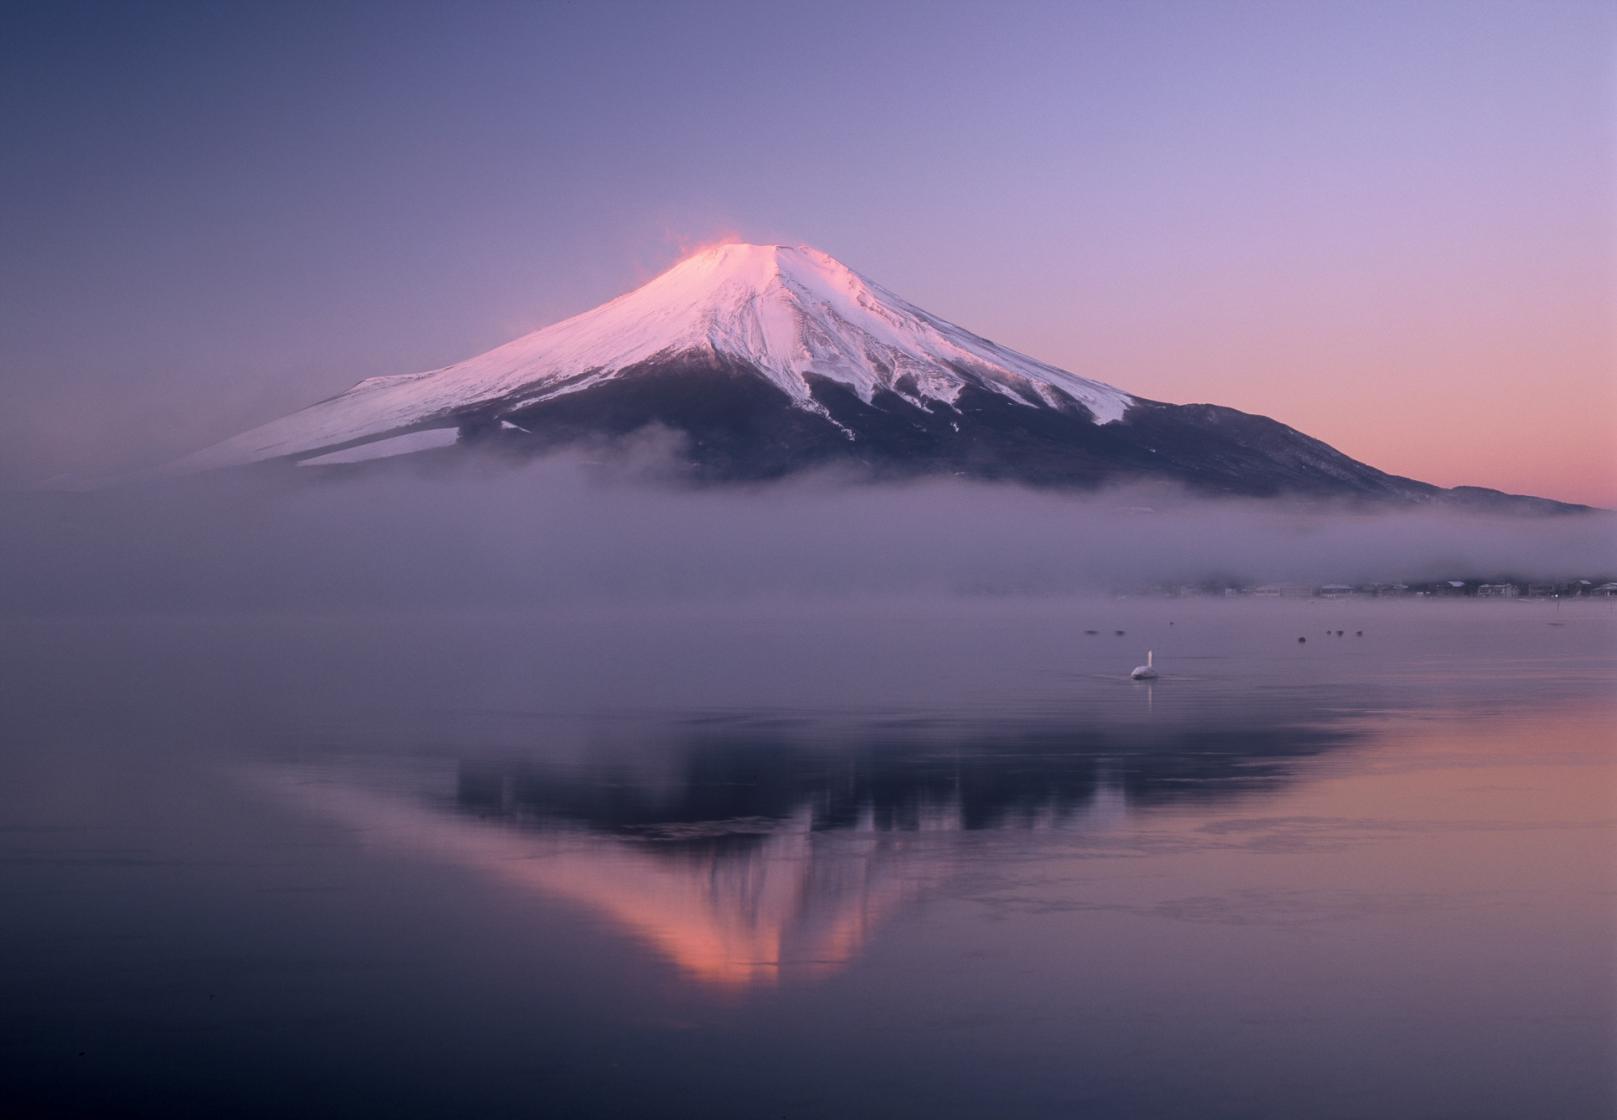 山中湖フォトグランプリ 2010年度 入選作品-1